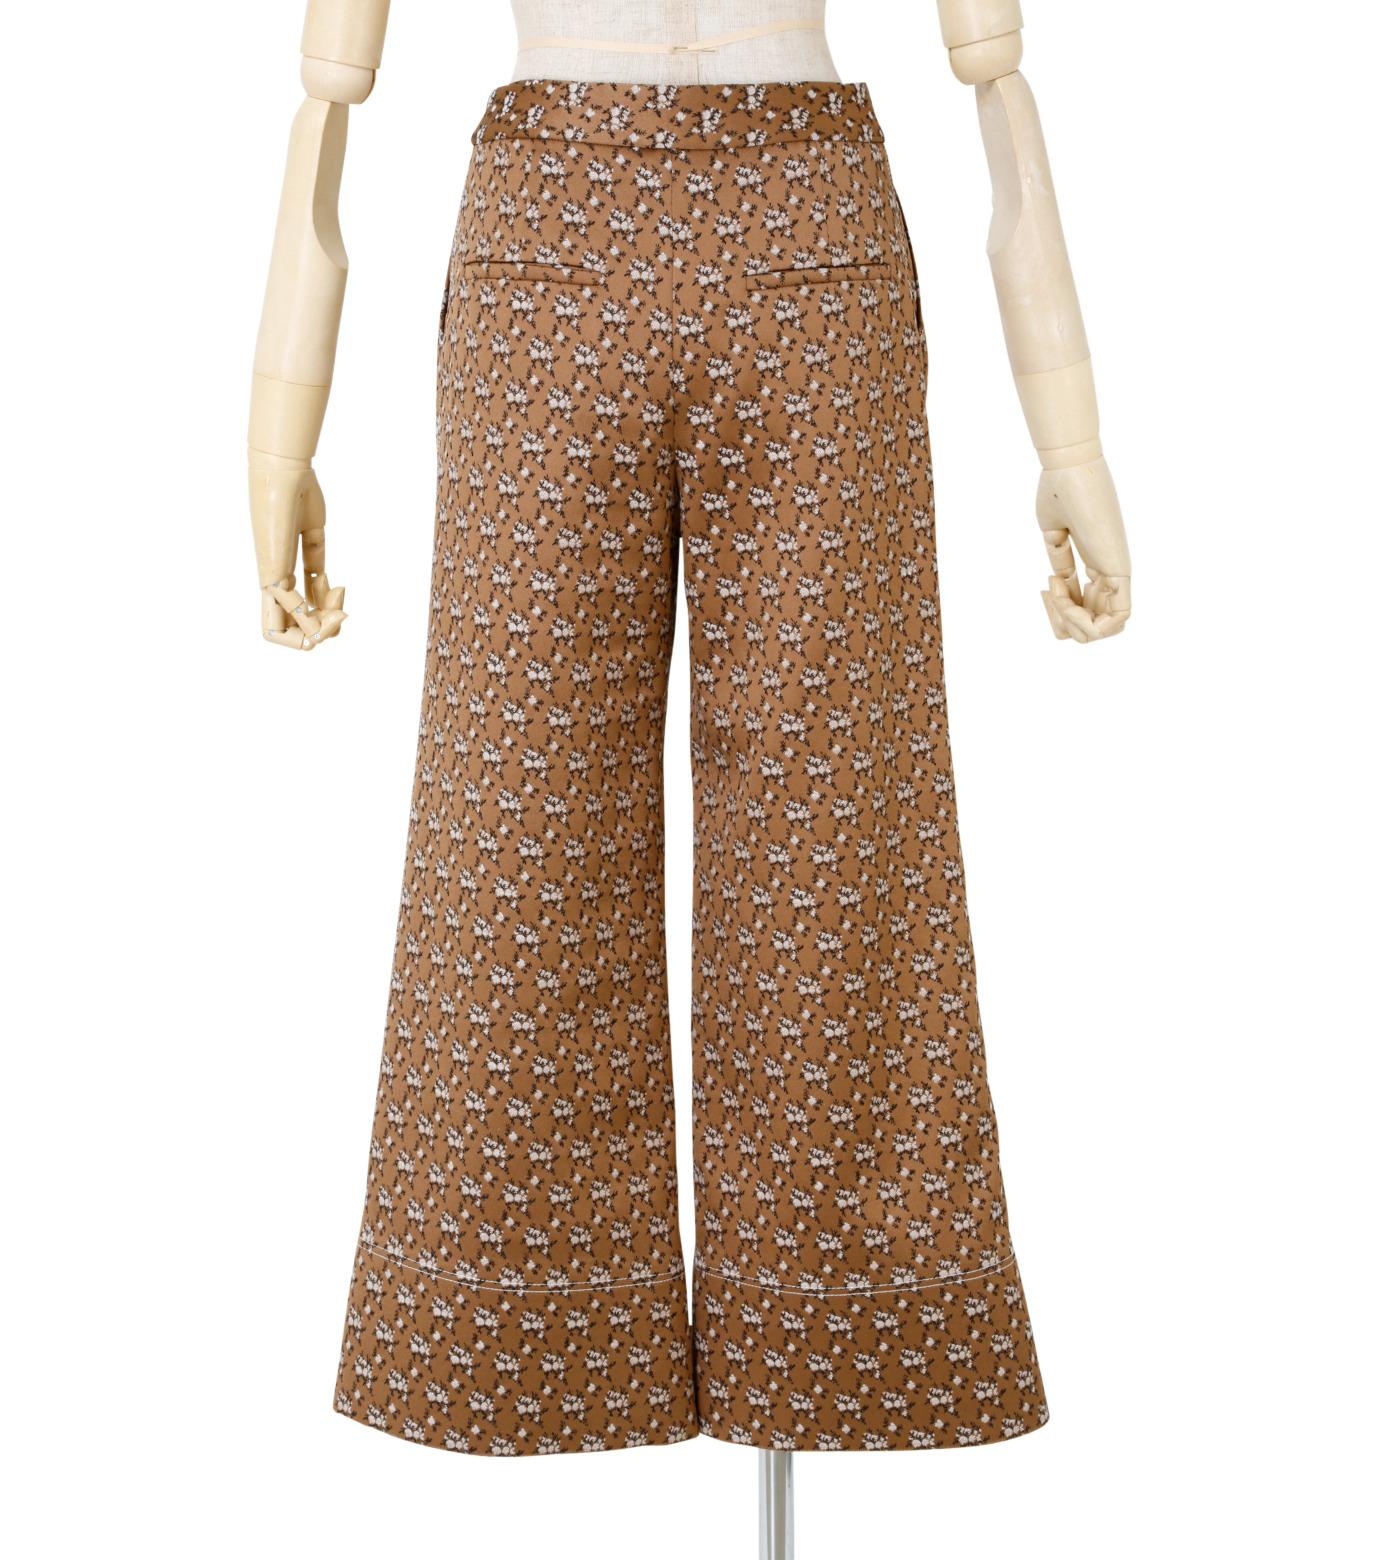 IRENE(アイレネ)のフラワーサテンパンツ-BROWN(パンツ/pants)-19S88001 拡大詳細画像3